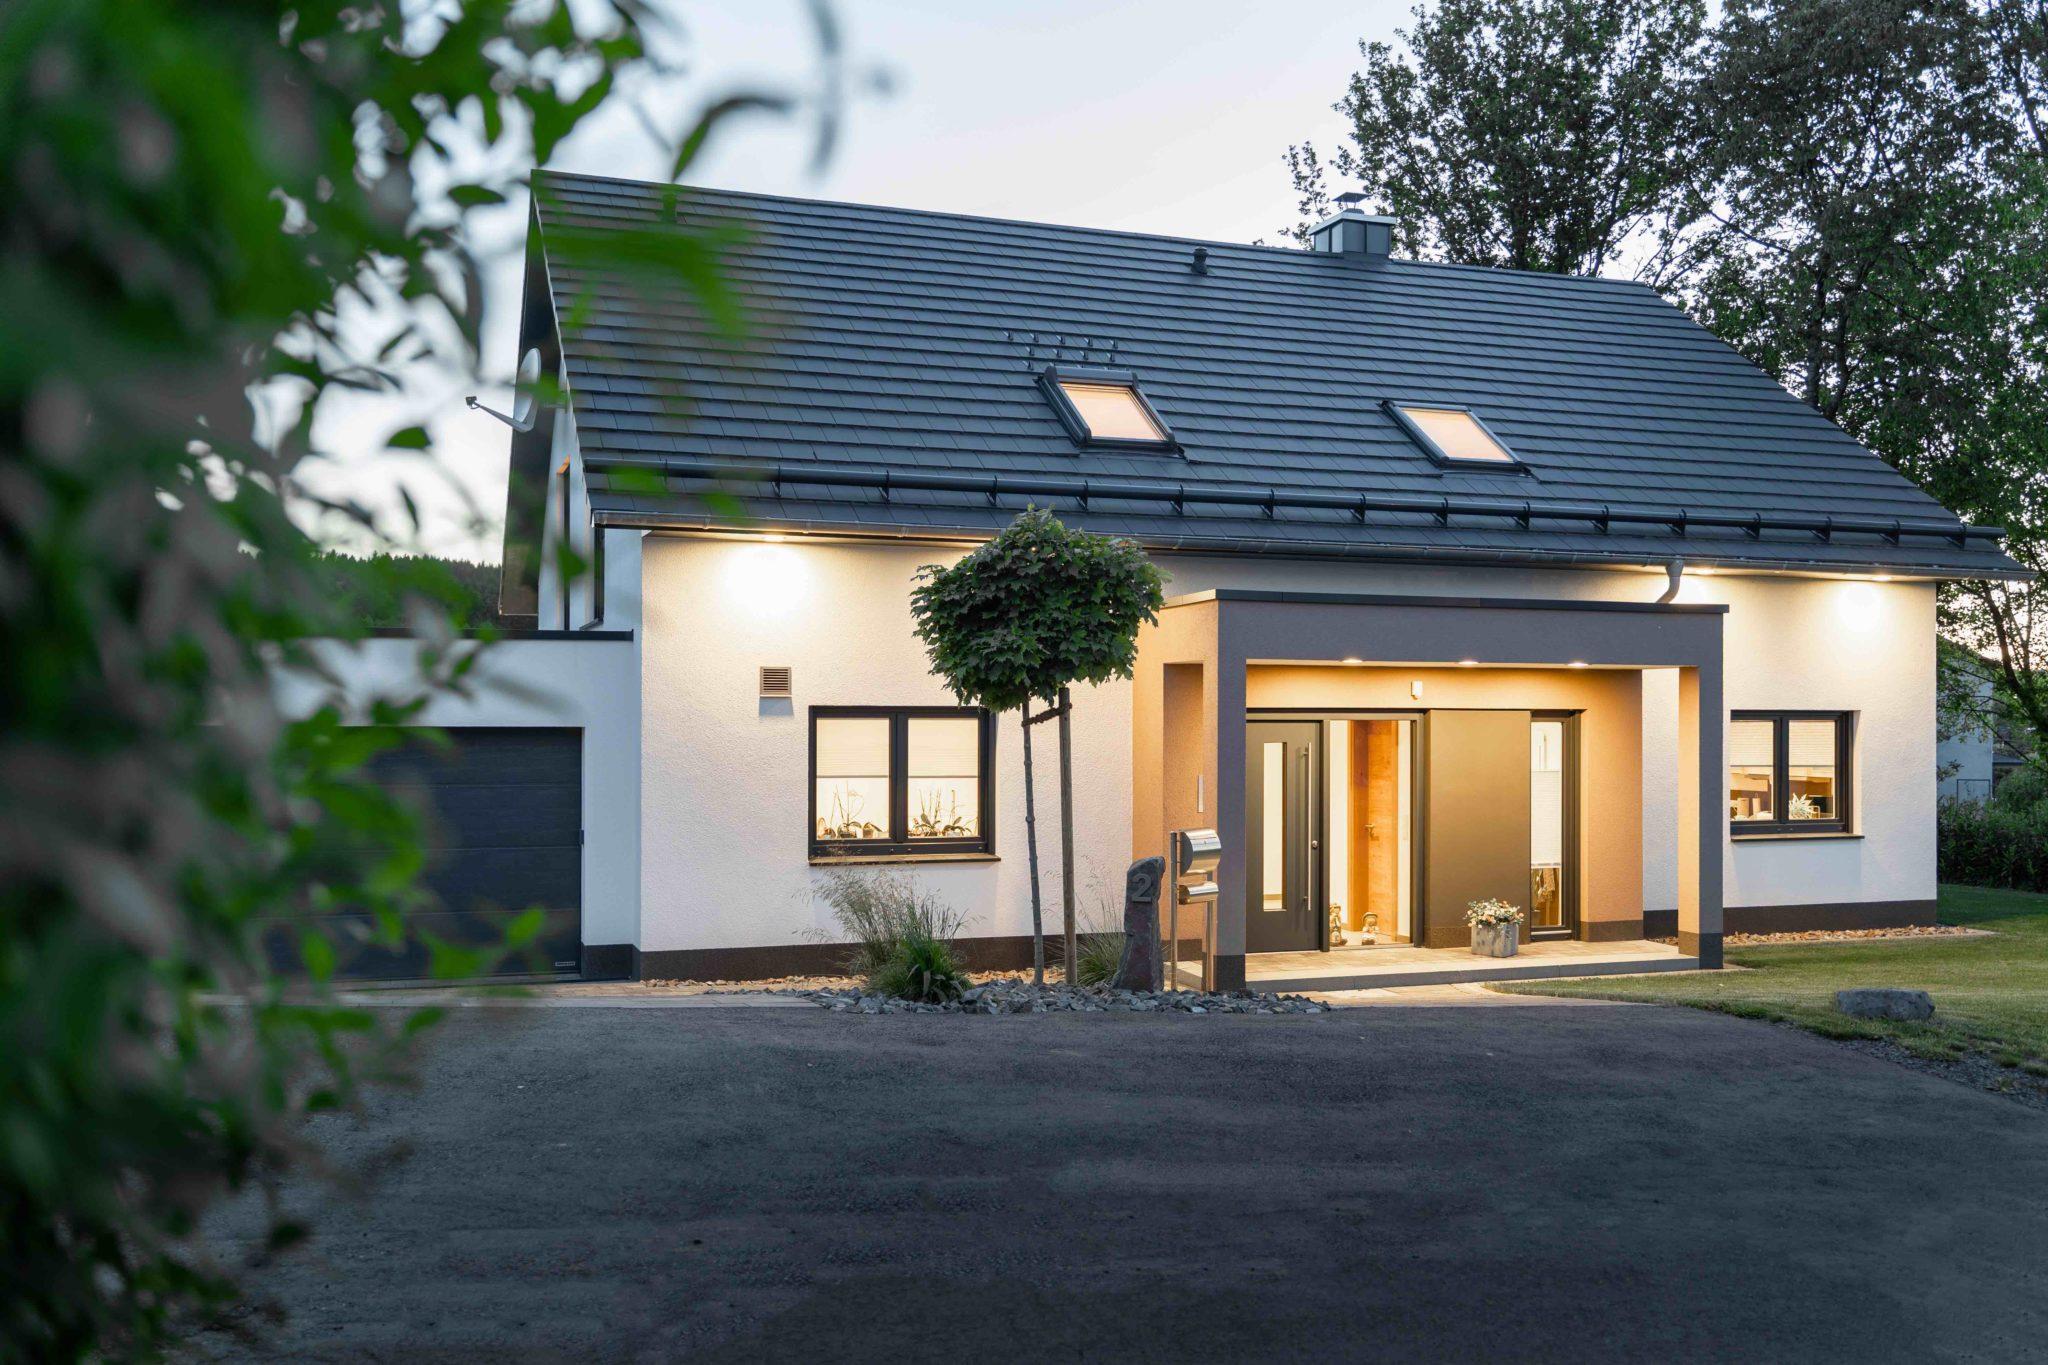 Einfamilienhaus in Olpe bauen